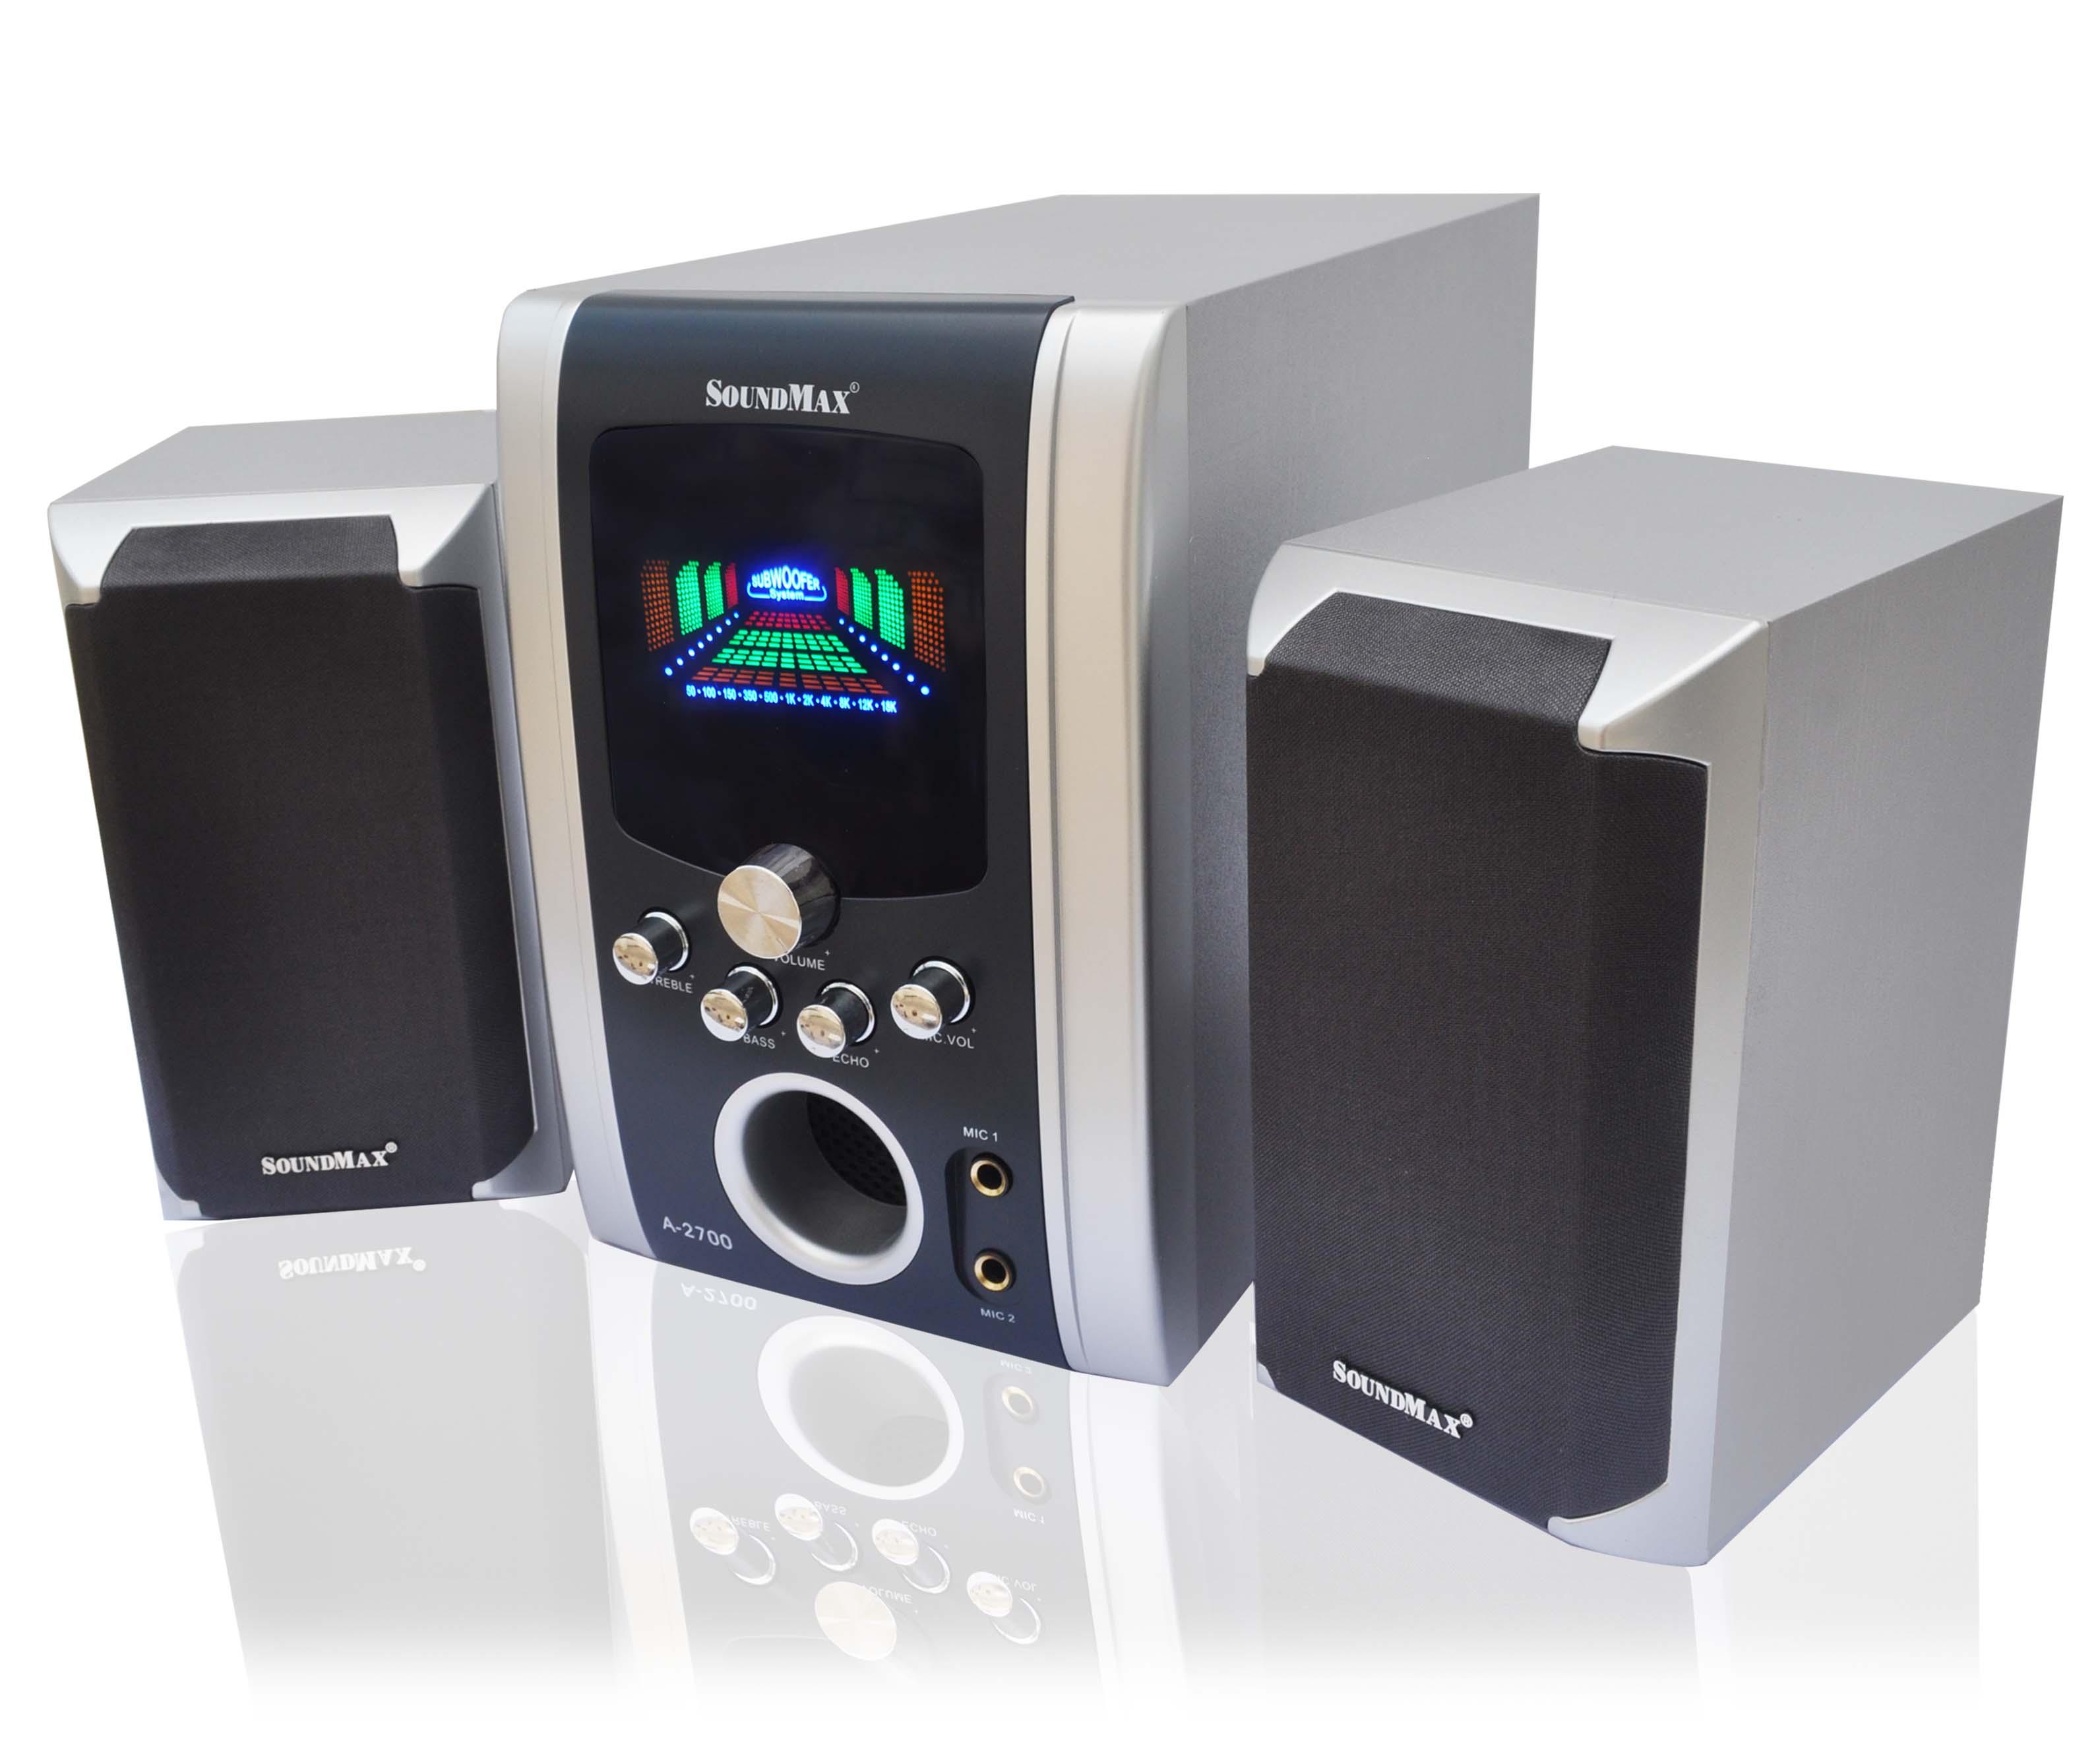 Loa SoundMax A2700/2.1 chính hãng